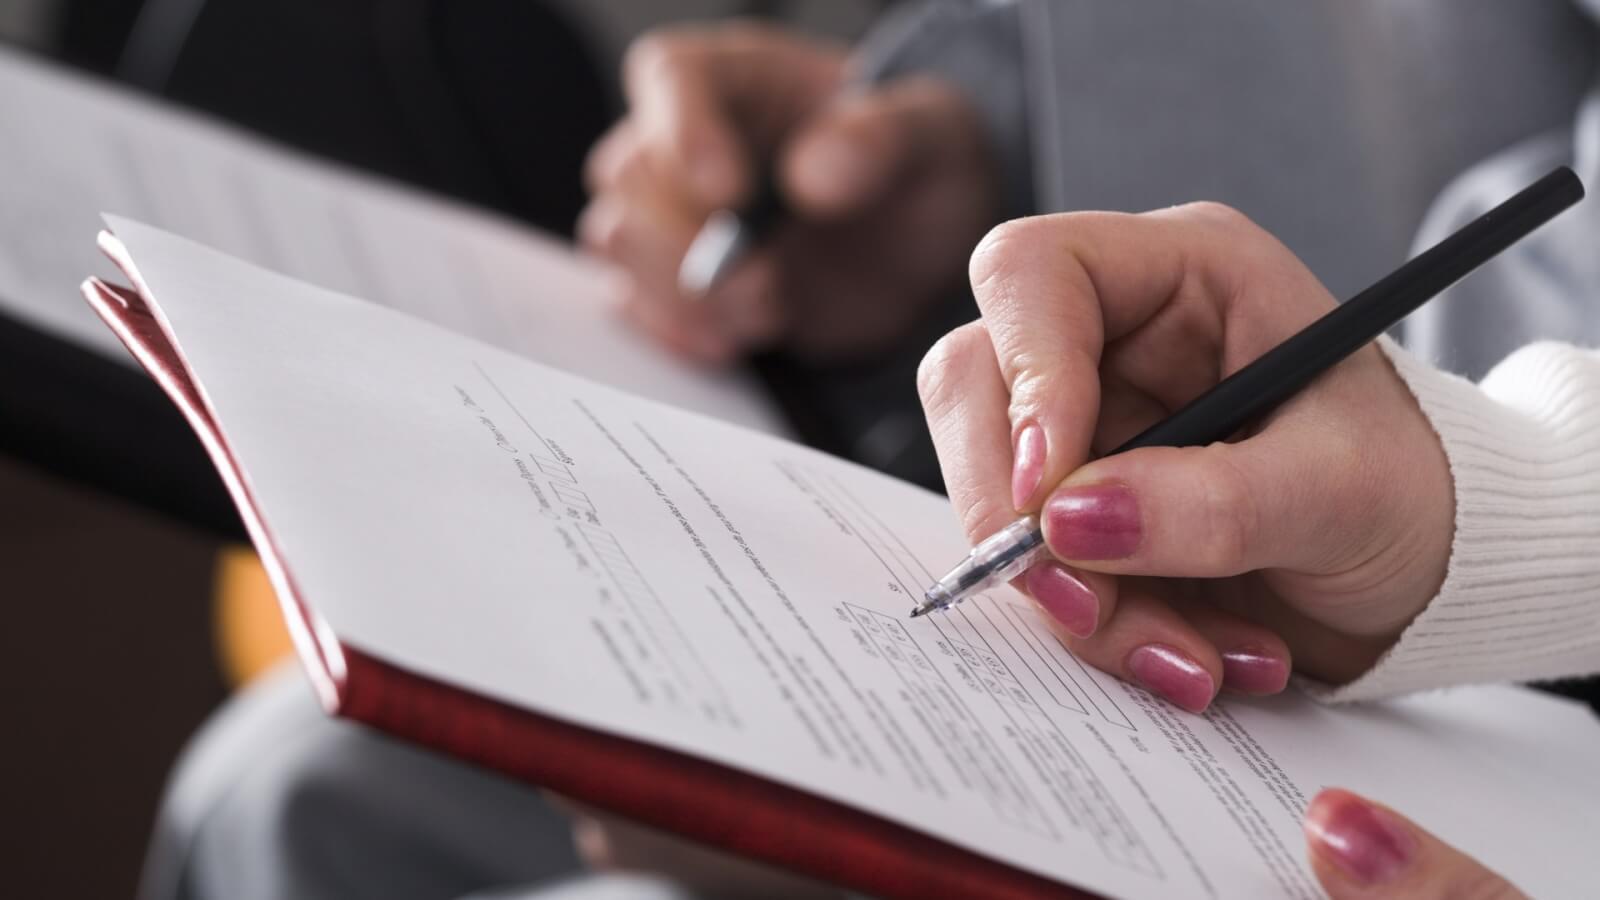 Образец заполнения автобиографии при приеме на работу, куда он может потребоваться